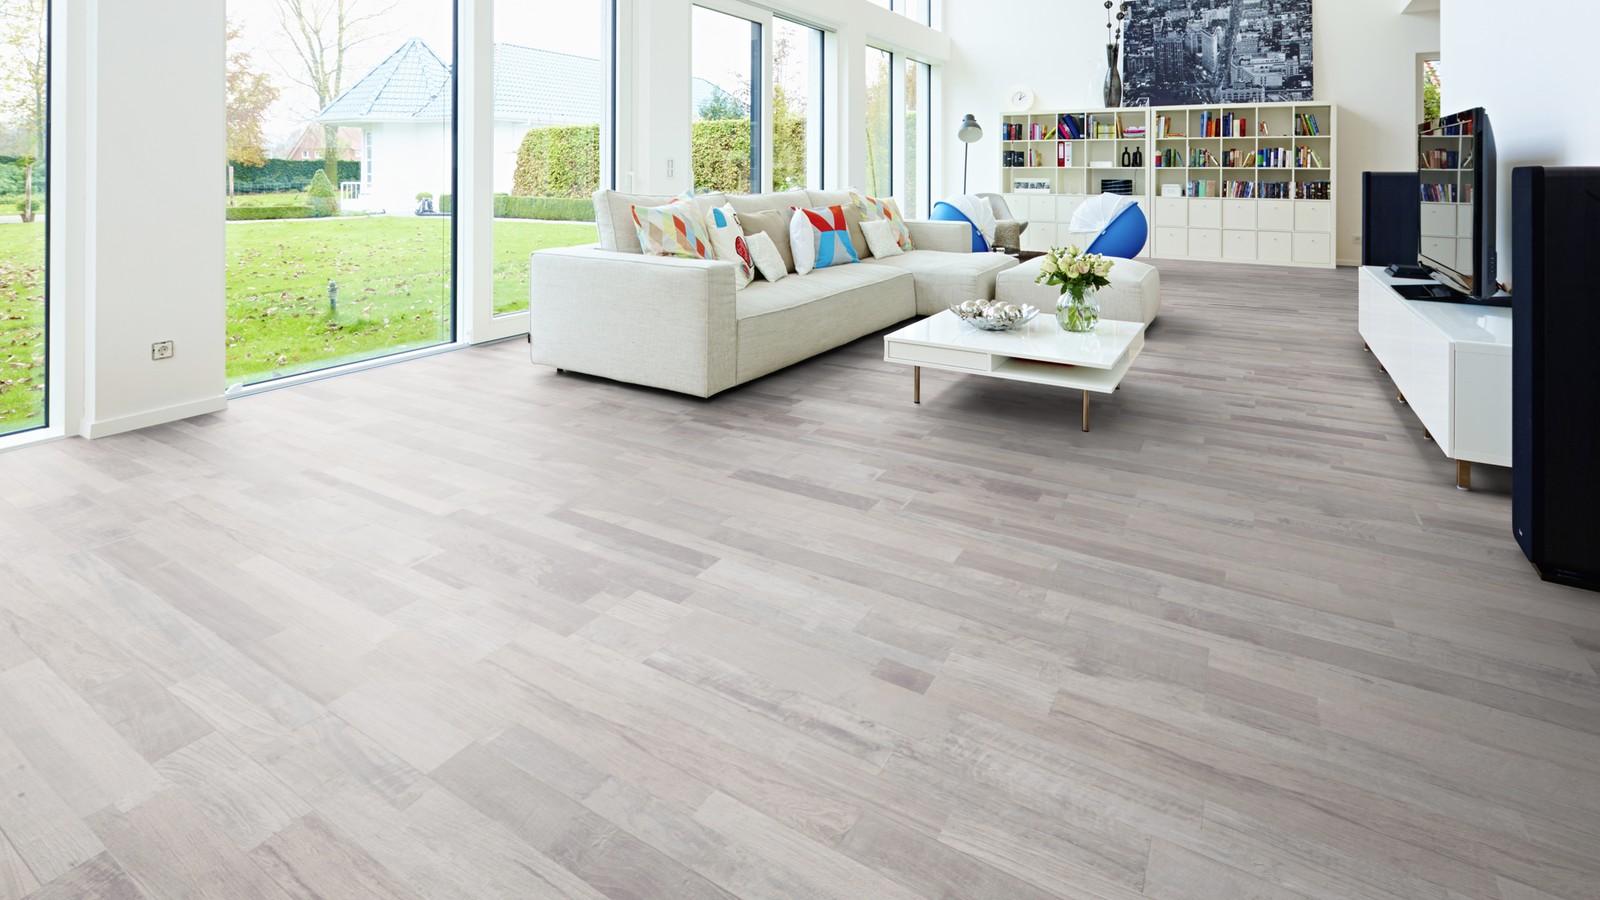 suelo laminado city line oak mix contraste beige pavimentos arquiservi